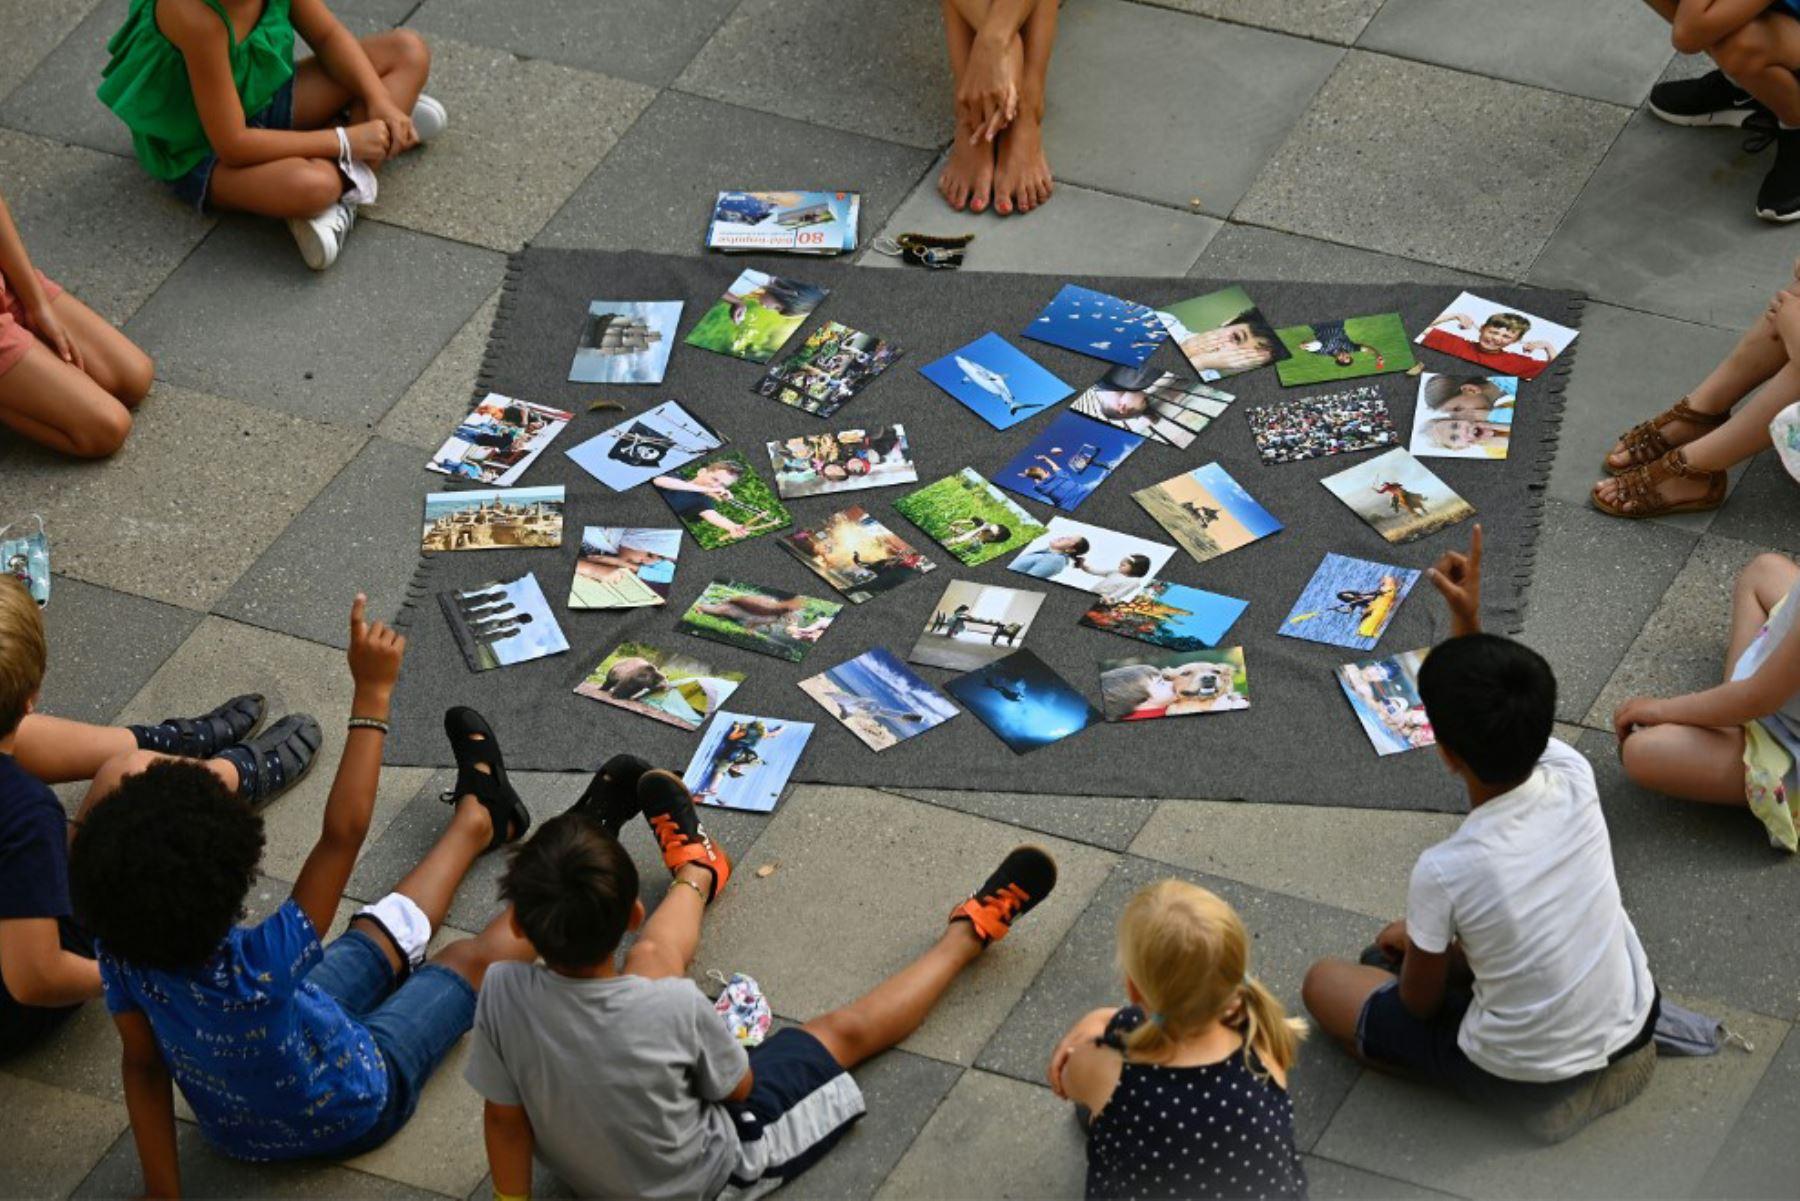 Los estudiantes participan en una clase al aire libre en la escuela primaria Carl Orff en el oeste de Berlín. Las clases se reanudaron después de las vacaciones de verano en Berlín y varios otros estados alemanes en medio de una pandemia de  covid-19.   Foto: AFP